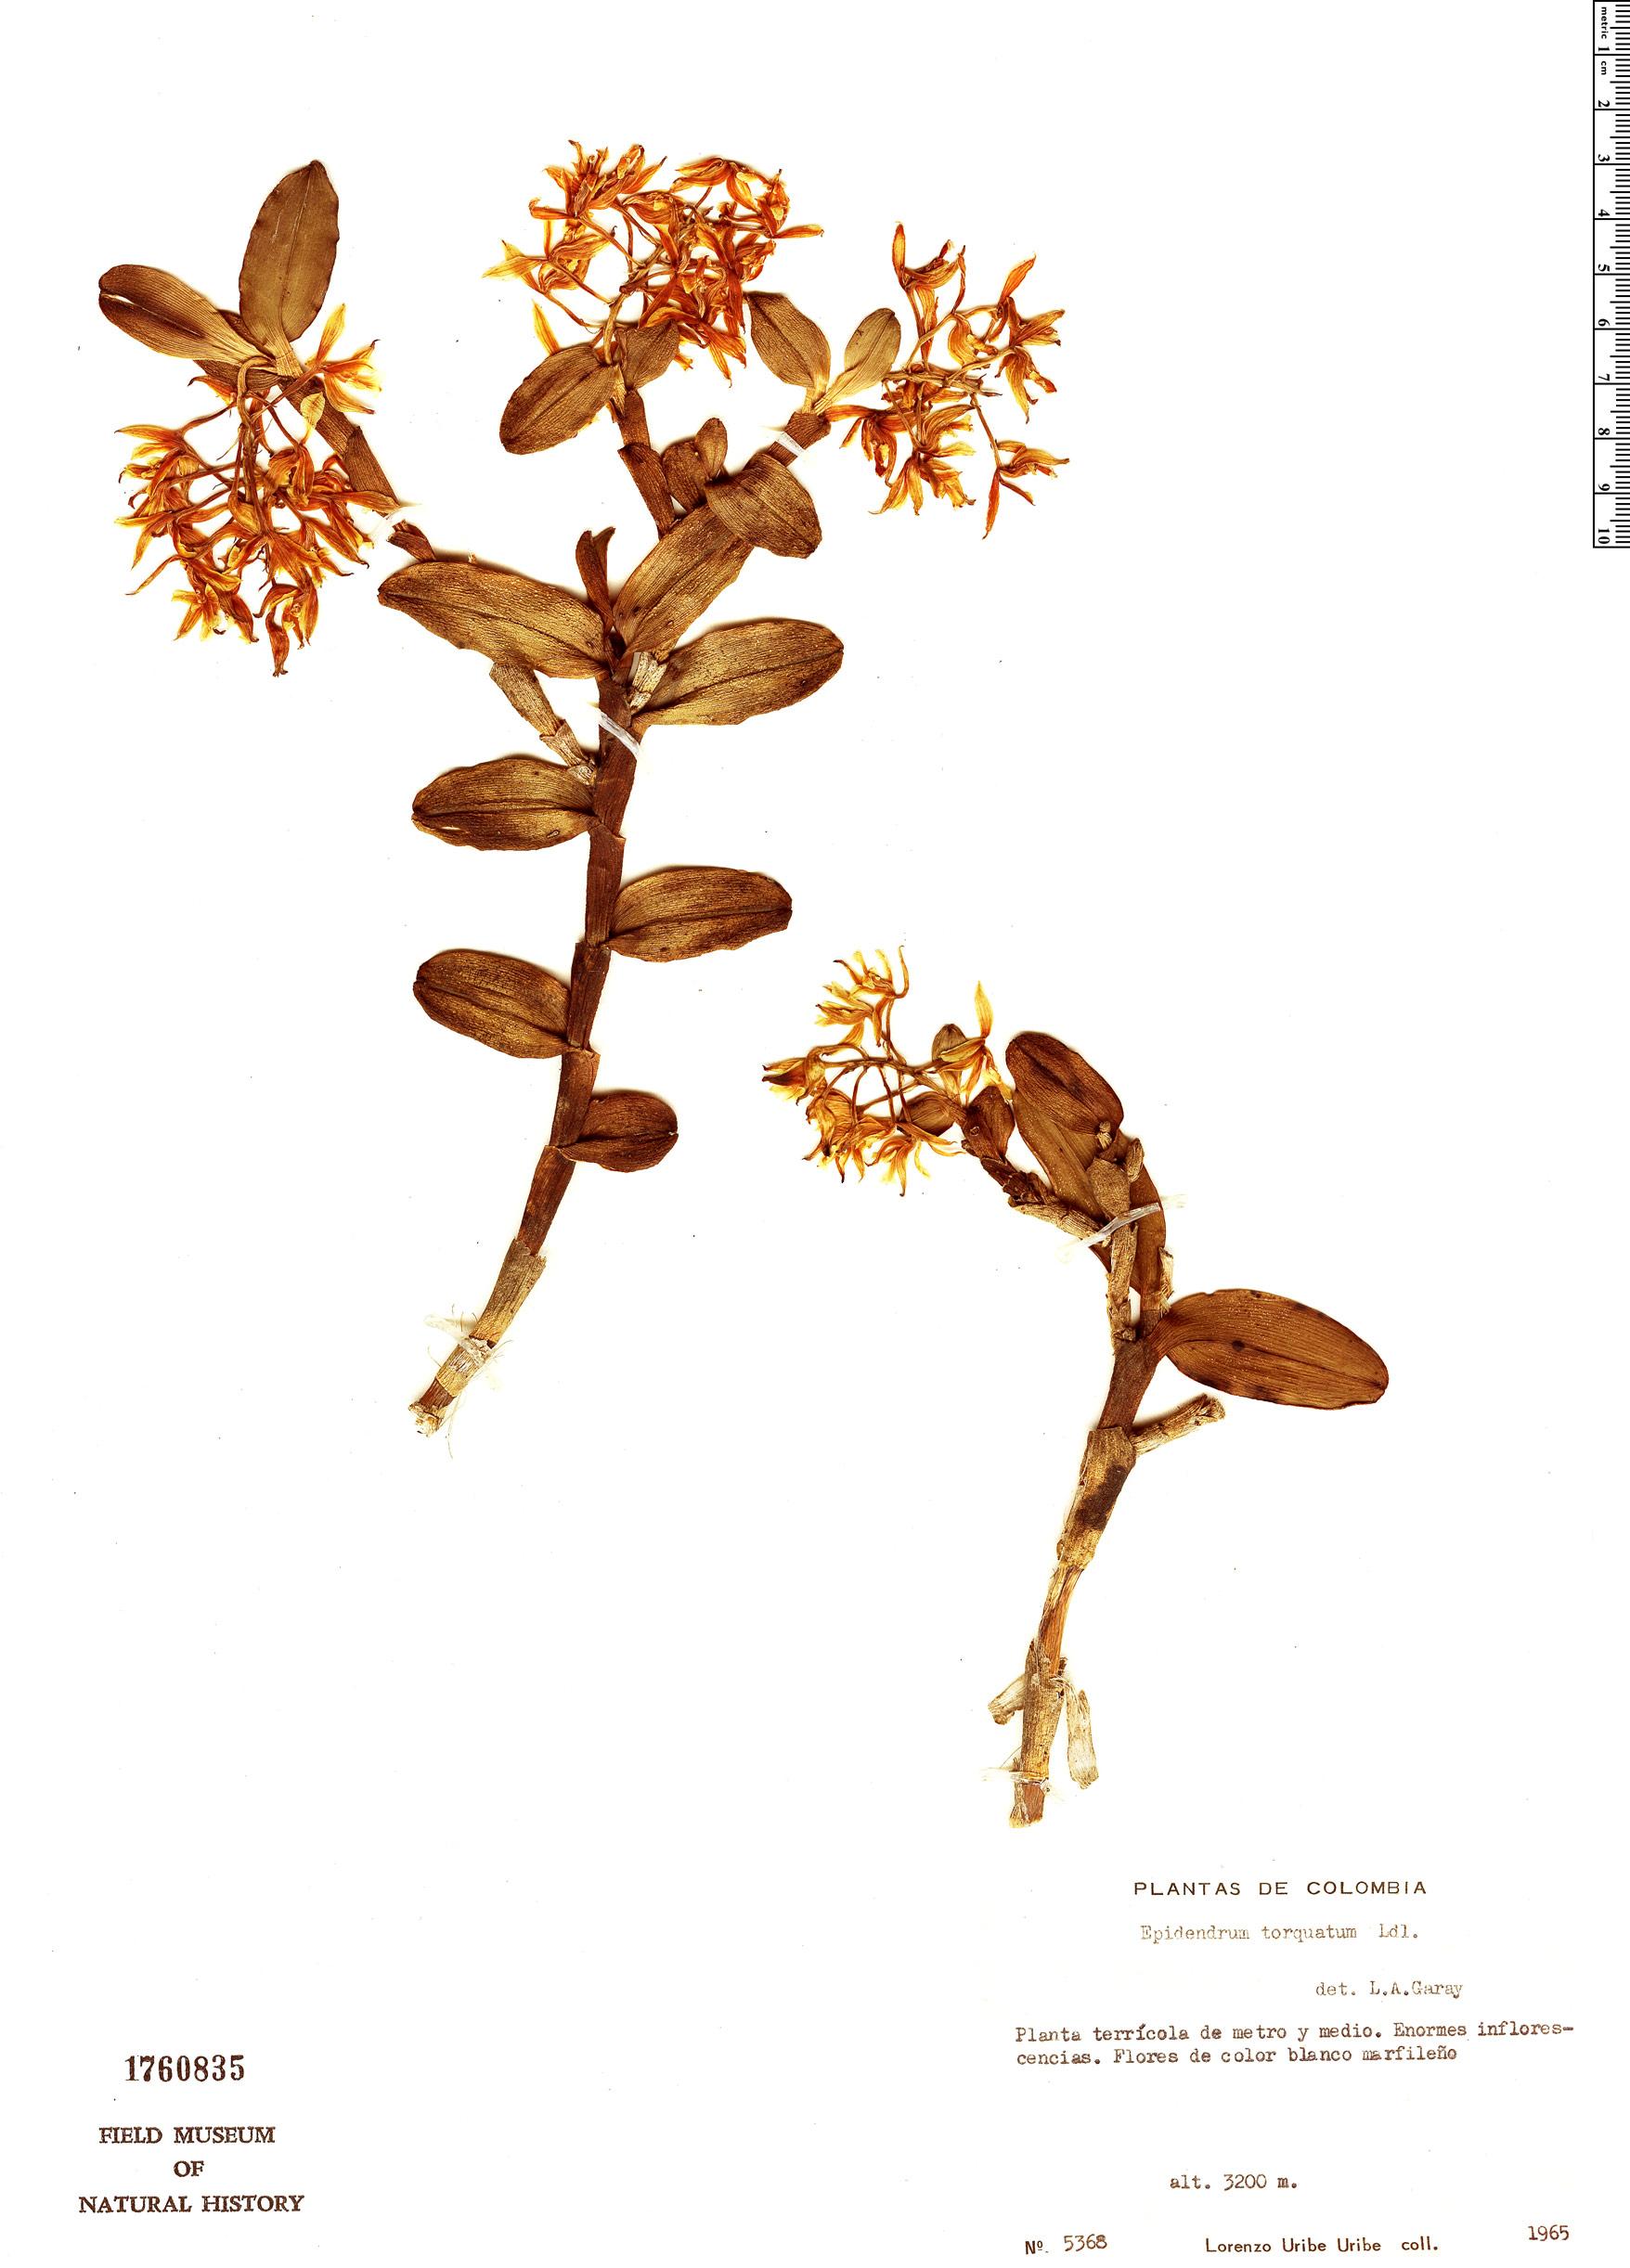 Specimen: Epidendrum torquatum